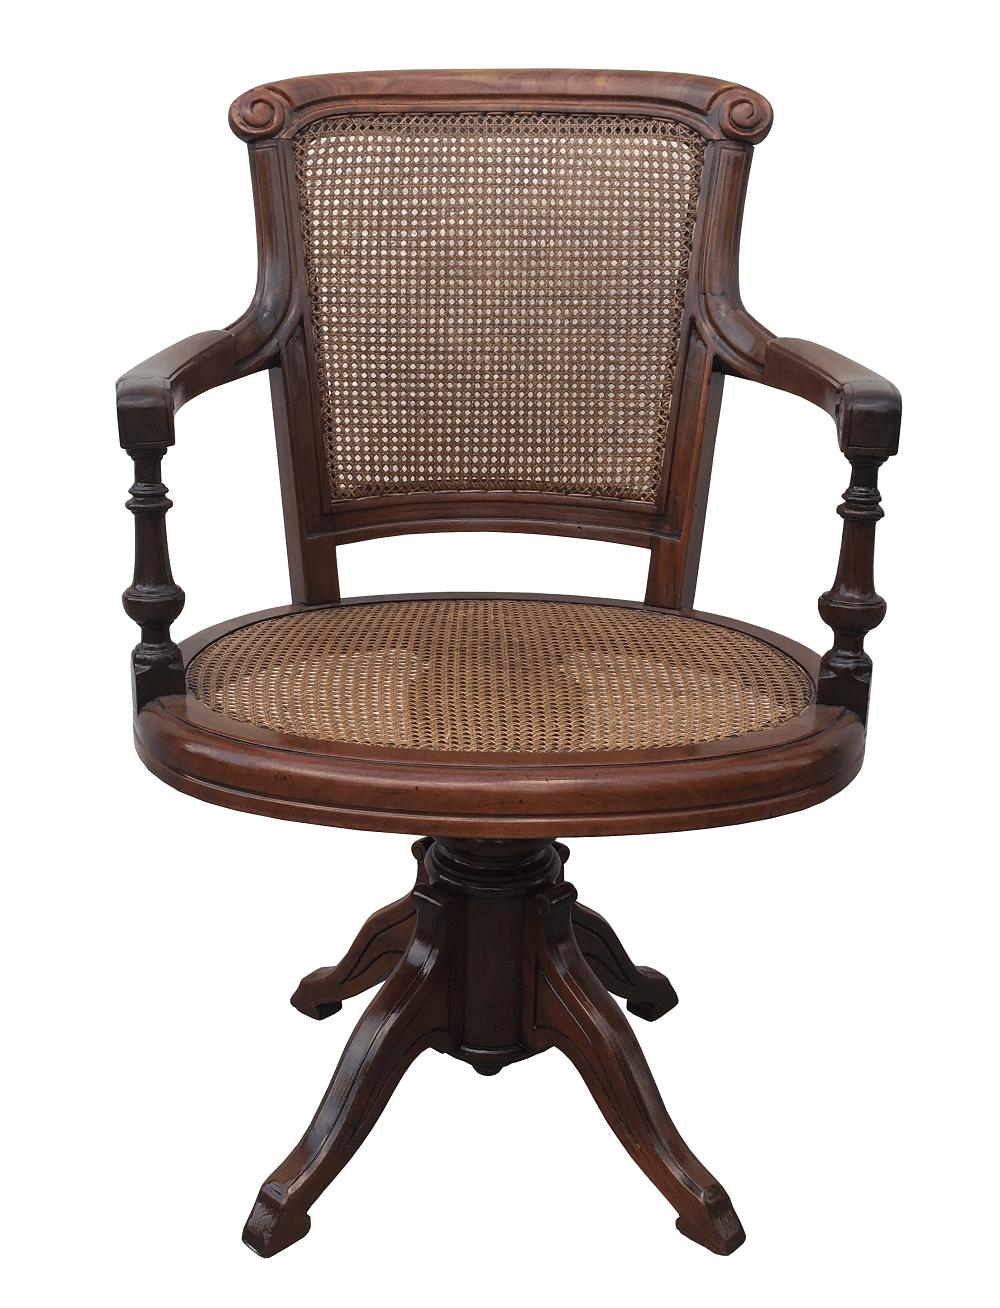 Antiga Cadeira Giratoria Madeira Nobre E Palhinha